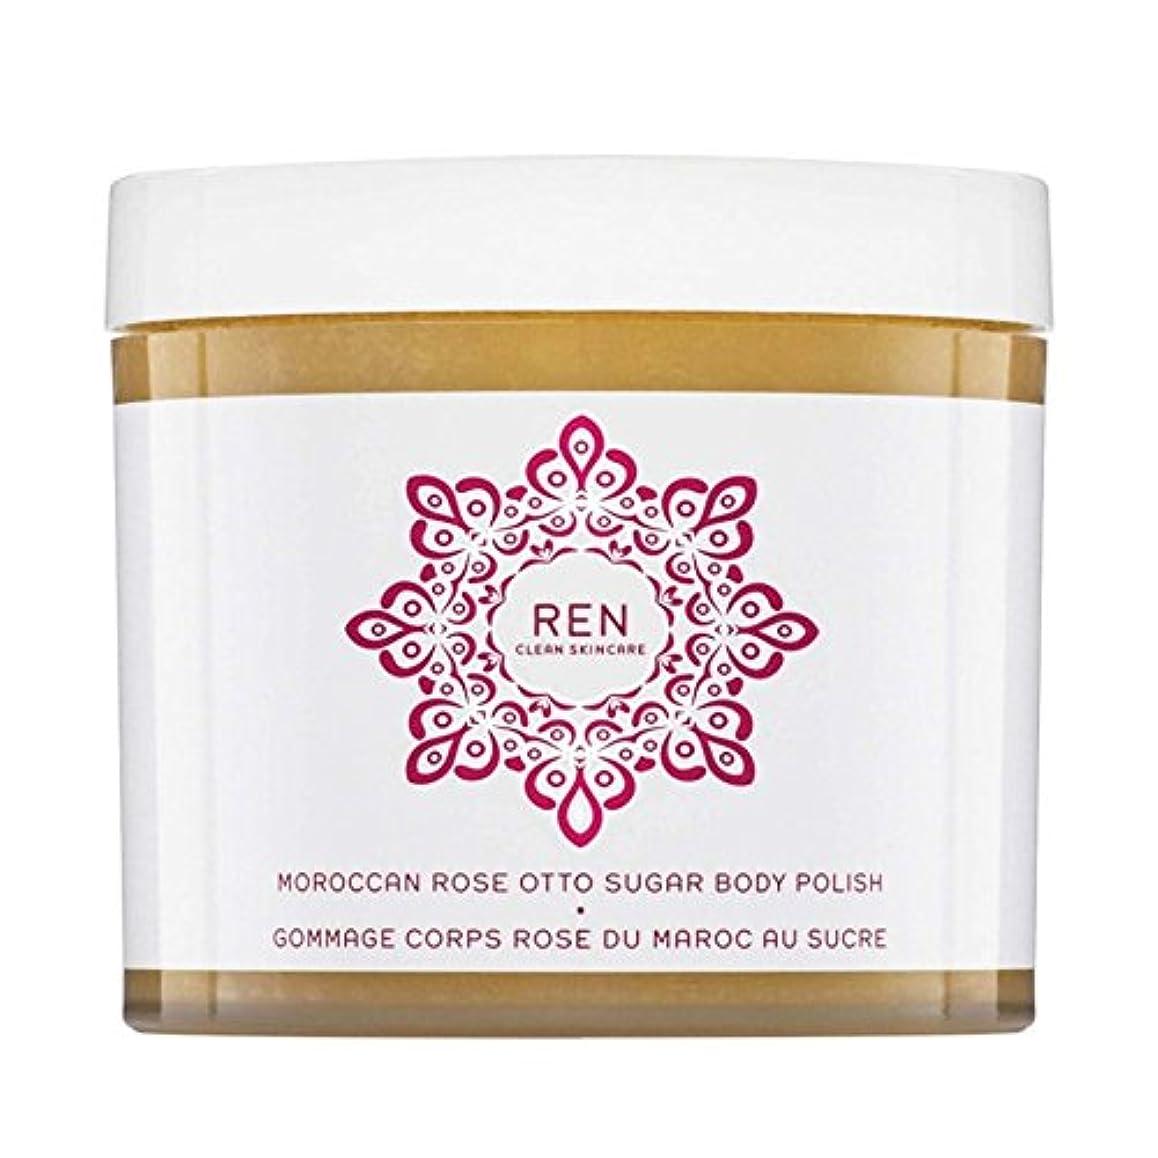 ラジカル単に電気陽性REN Moroccan Rose Otto Sugar Body Polish 330ml - モロッコは、糖体ポリッシュ330ミリリットルをオットーローズ [並行輸入品]